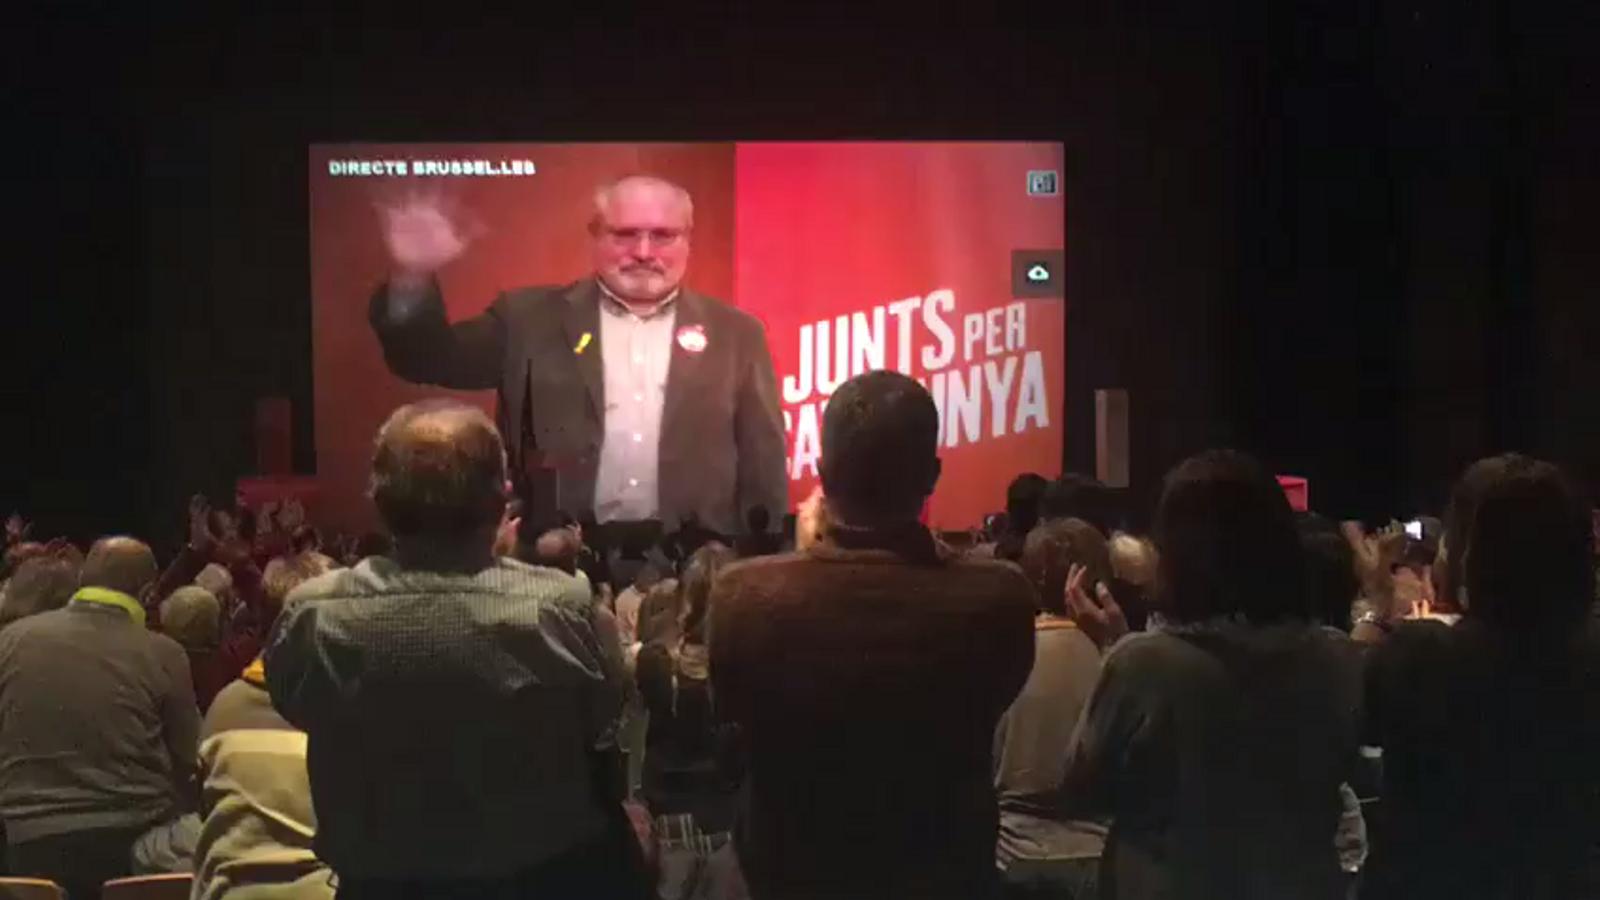 Lluís Puig, que també és de Terrassa, s'emociona en connectar en directe des de Brussel·les i veure el teatre ple. Hi ha la seva família a la primera fila